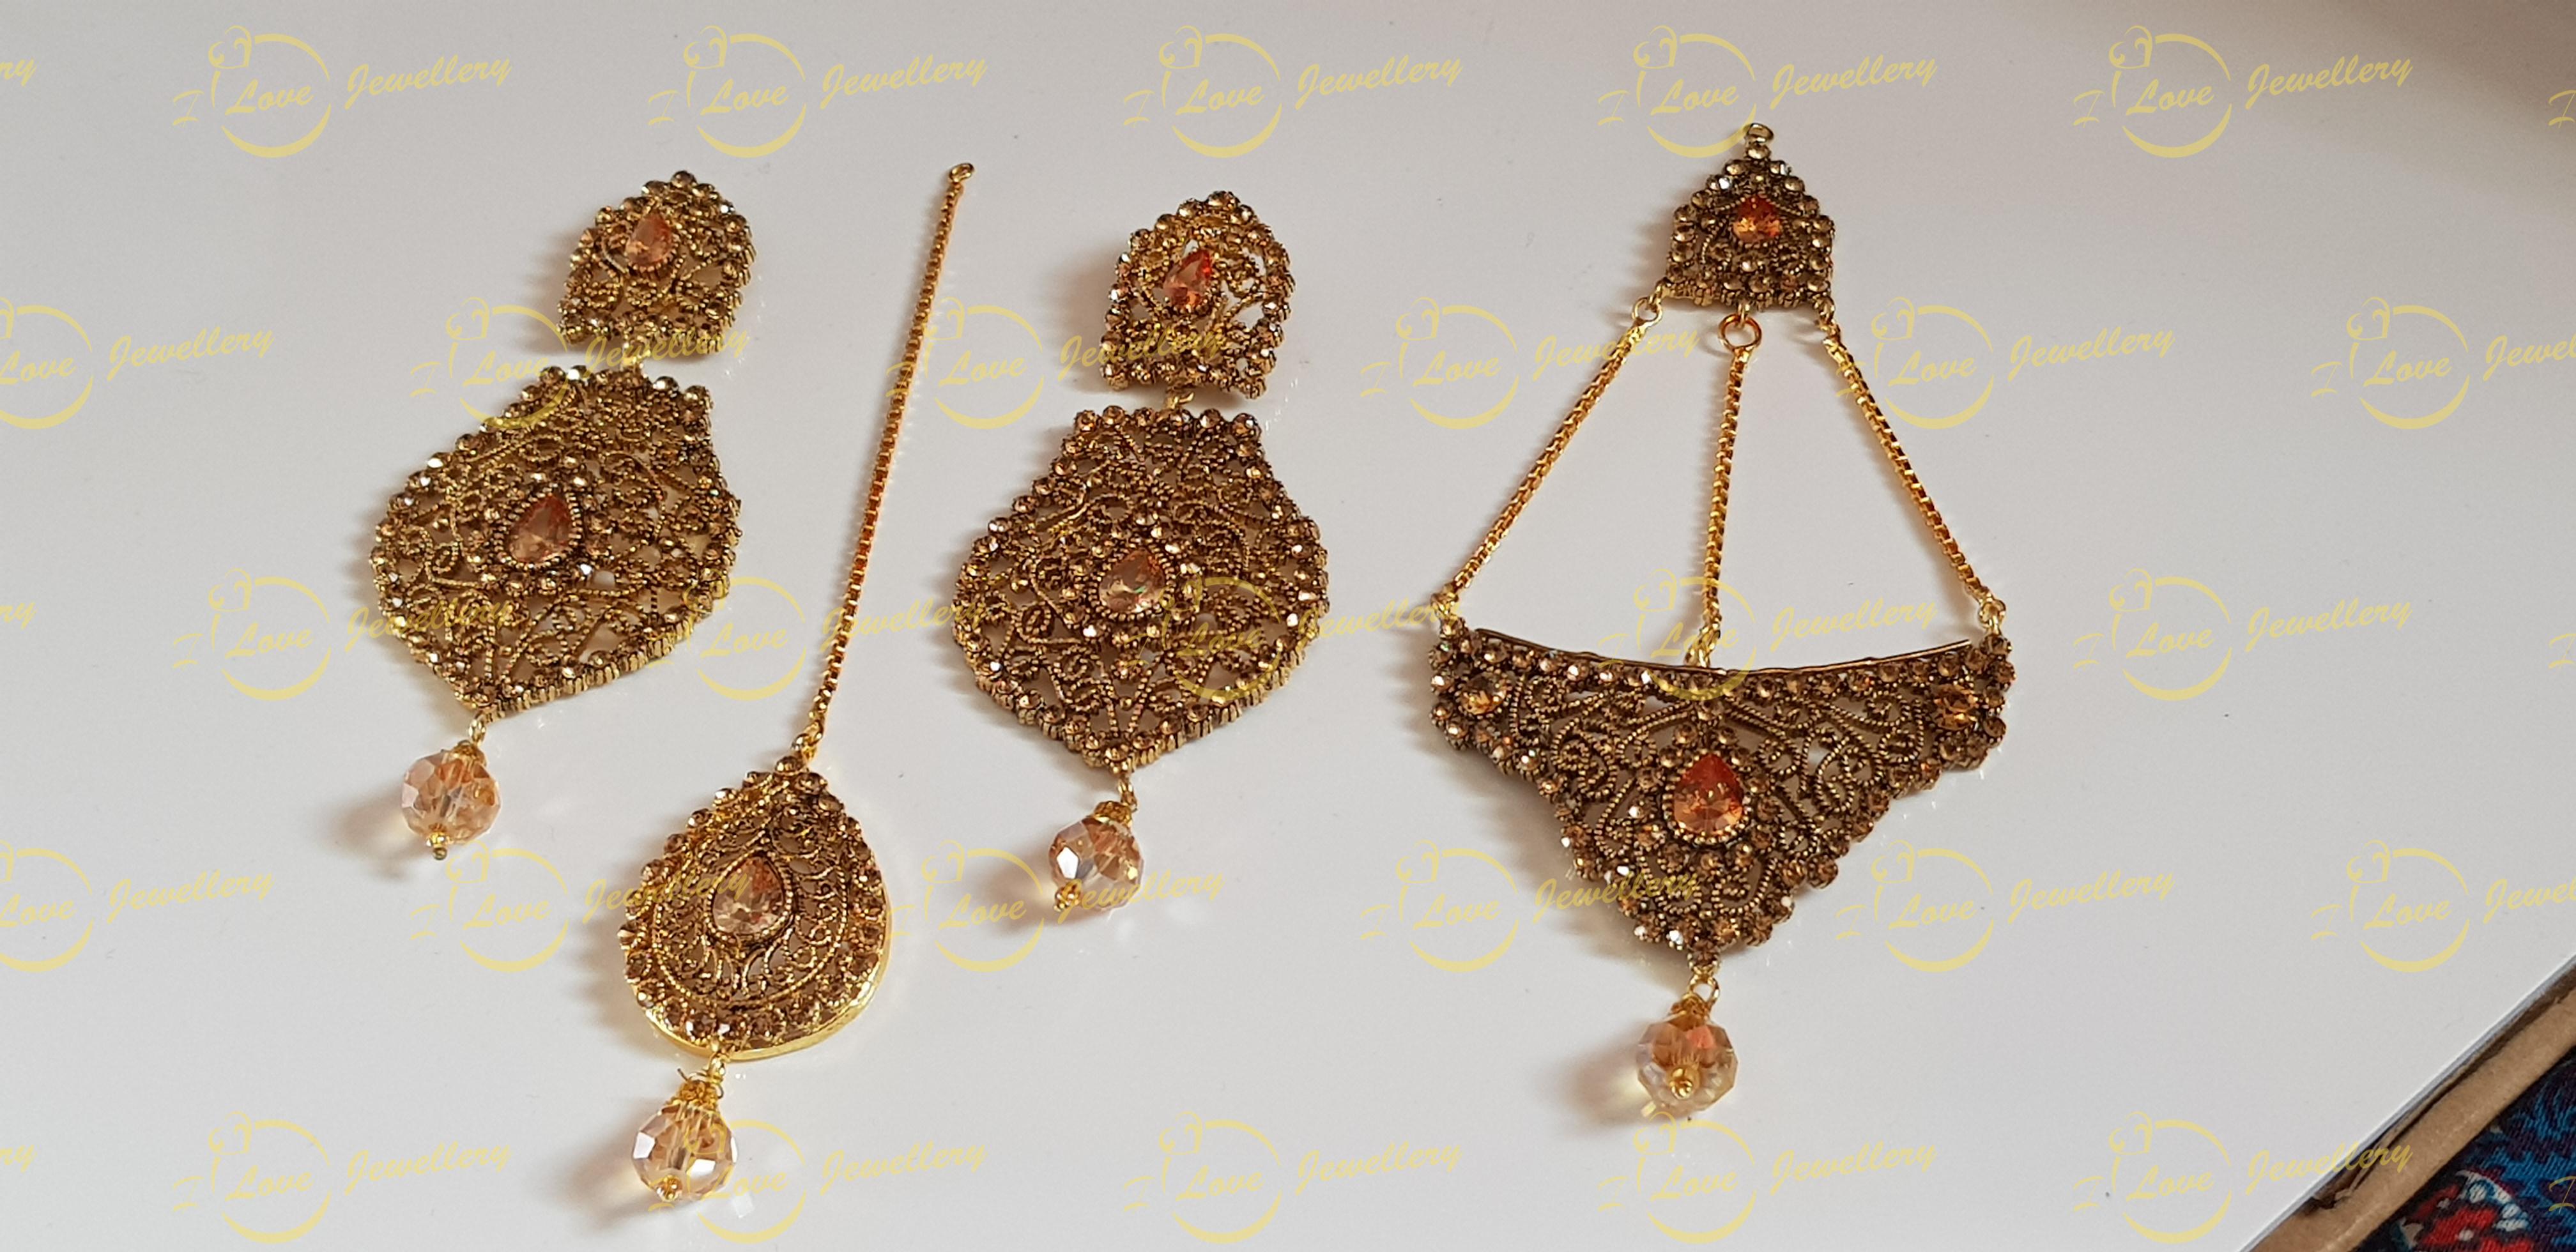 jhoomar tikka earrings set - bridal jewellery - wedding jewellery - wholesale Pakistani jewellery - bespoke Pakistani jewellery